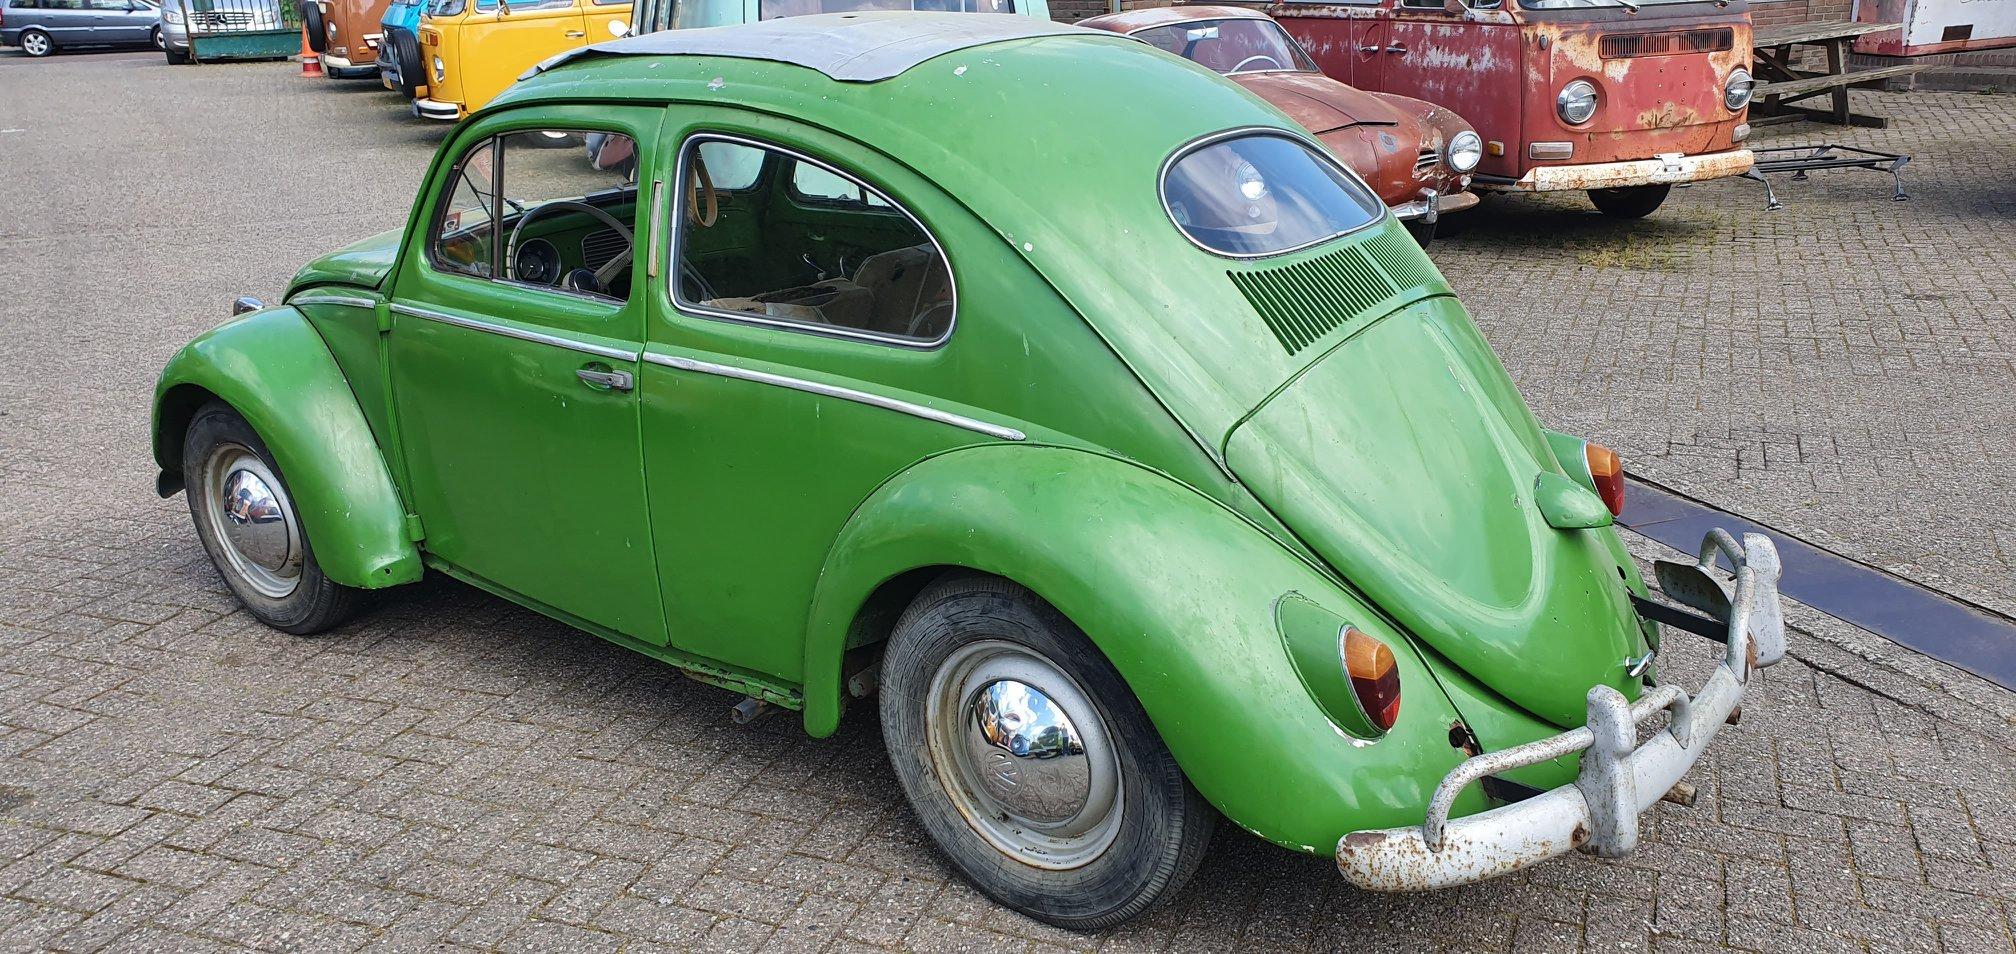 1957 Volkswagen Beetle, VW Kafer, VW V Beetle For Sale (picture 1 of 6)